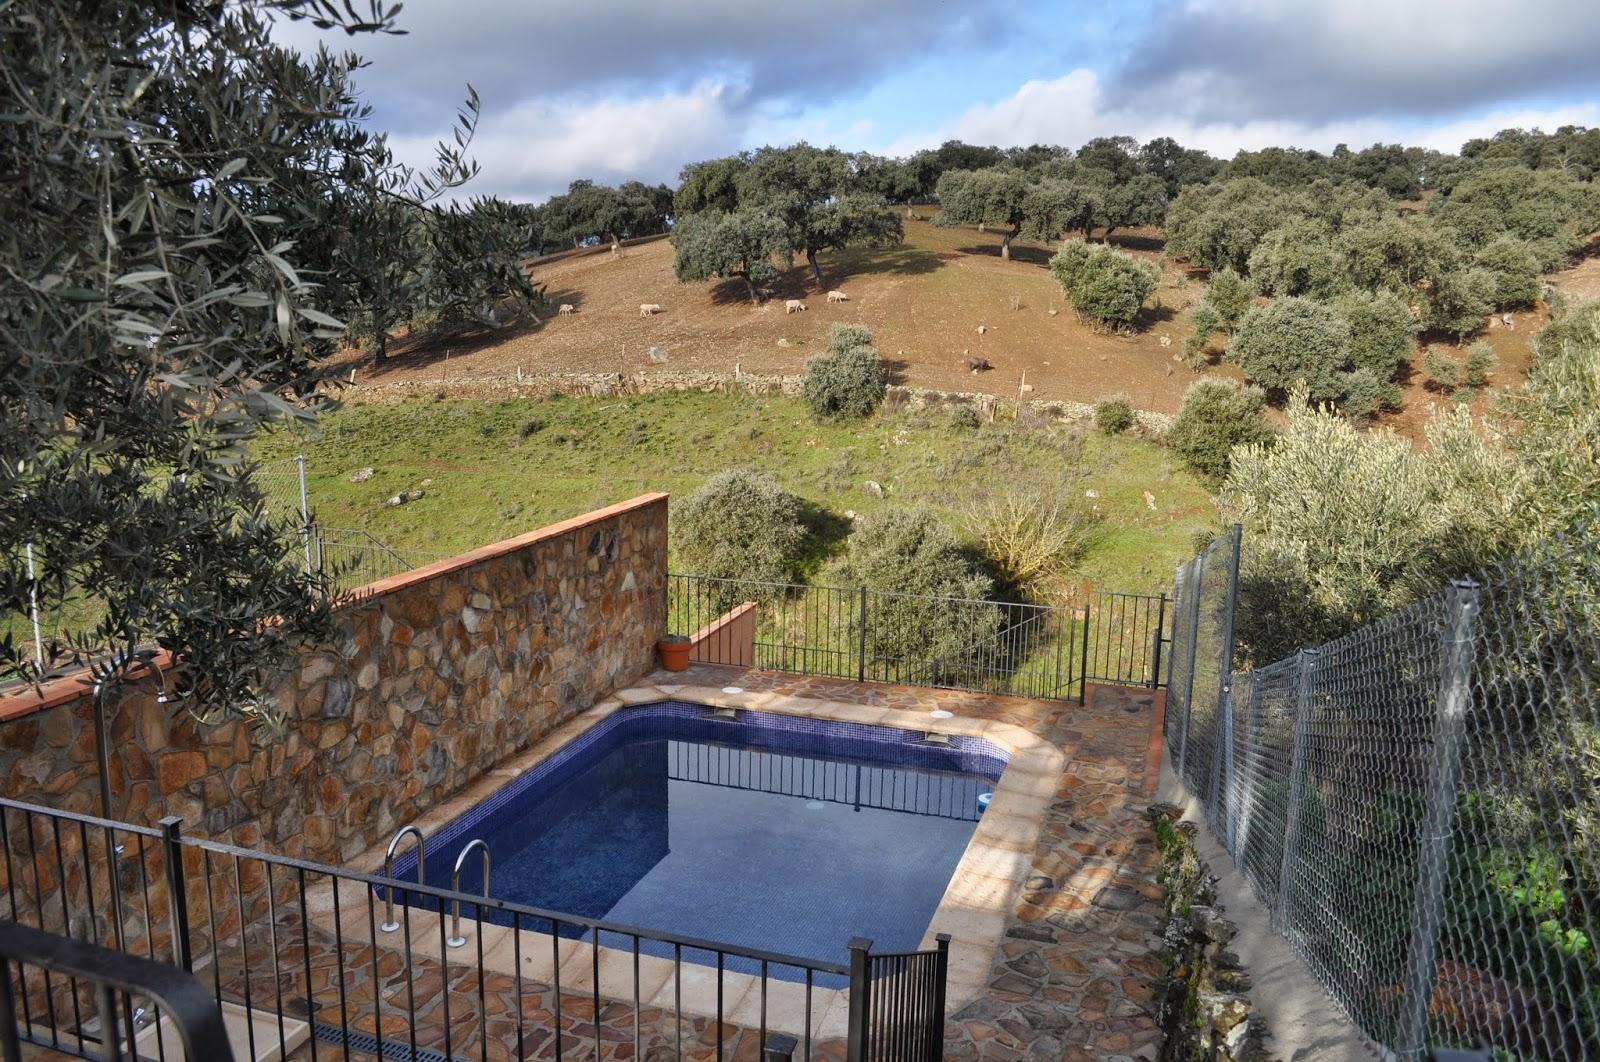 casa rural rio yeguas - Where to rest-Sierra de Cardeña y Montoro